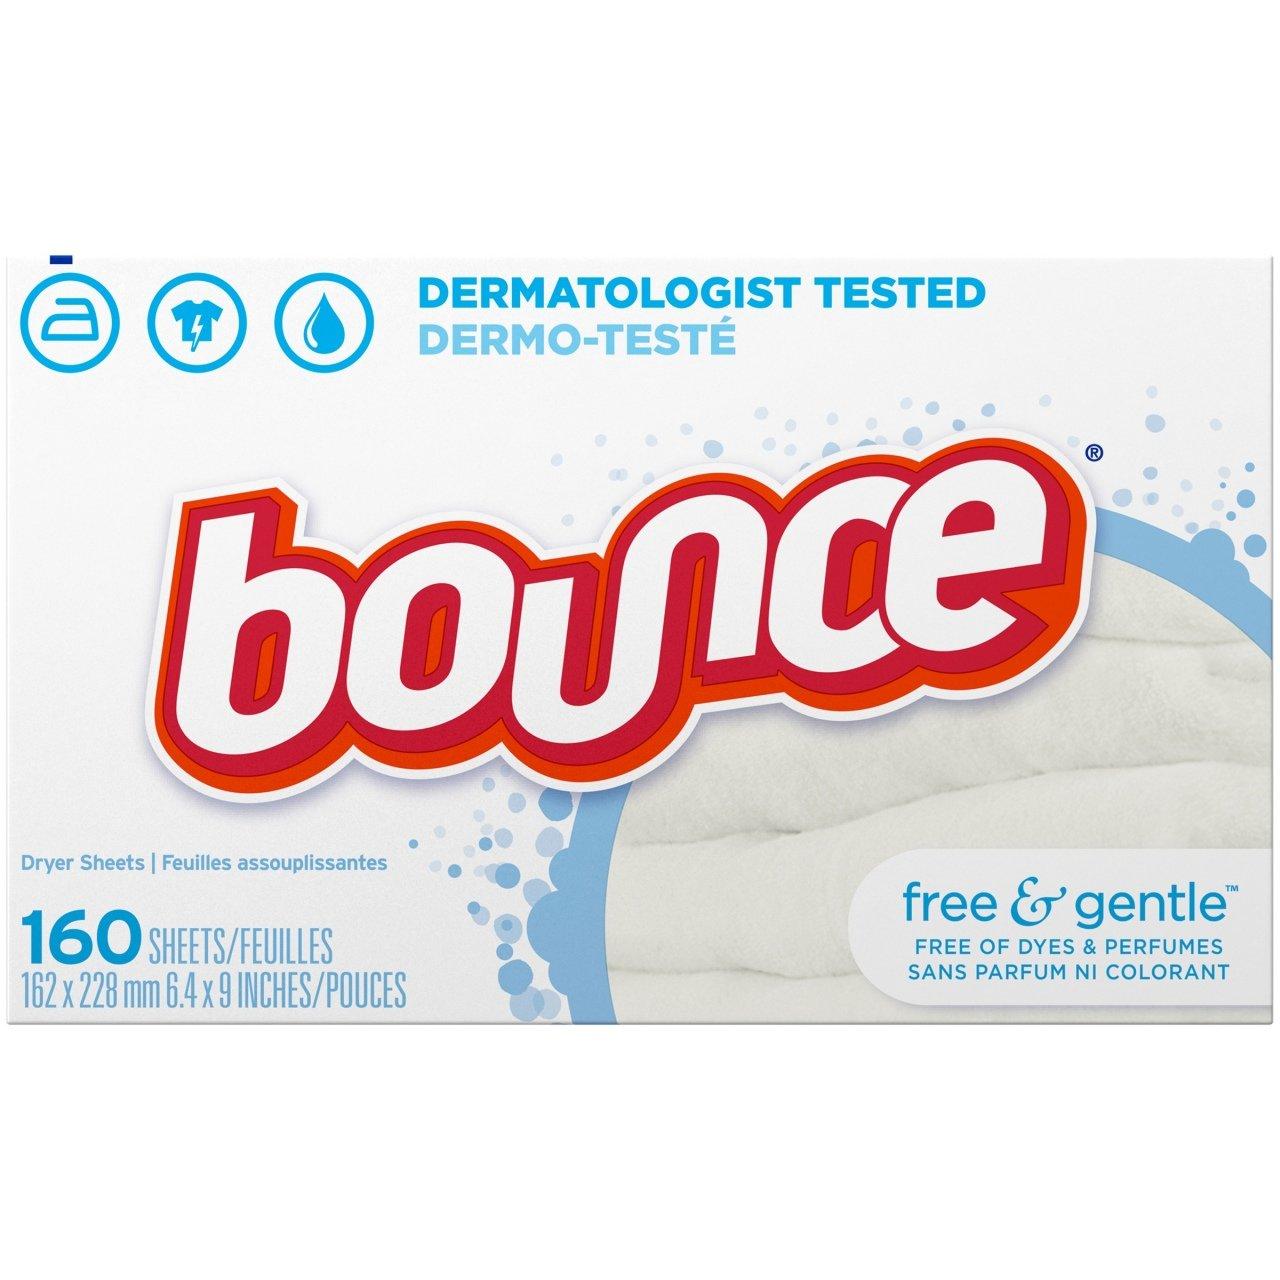 Bounce Free & Gentle Çamaşır Kurutma Makinesi Yumuşatıcı 160 Kullanımlık          BOUNCE   Çamaşır Yumuşatıcıları